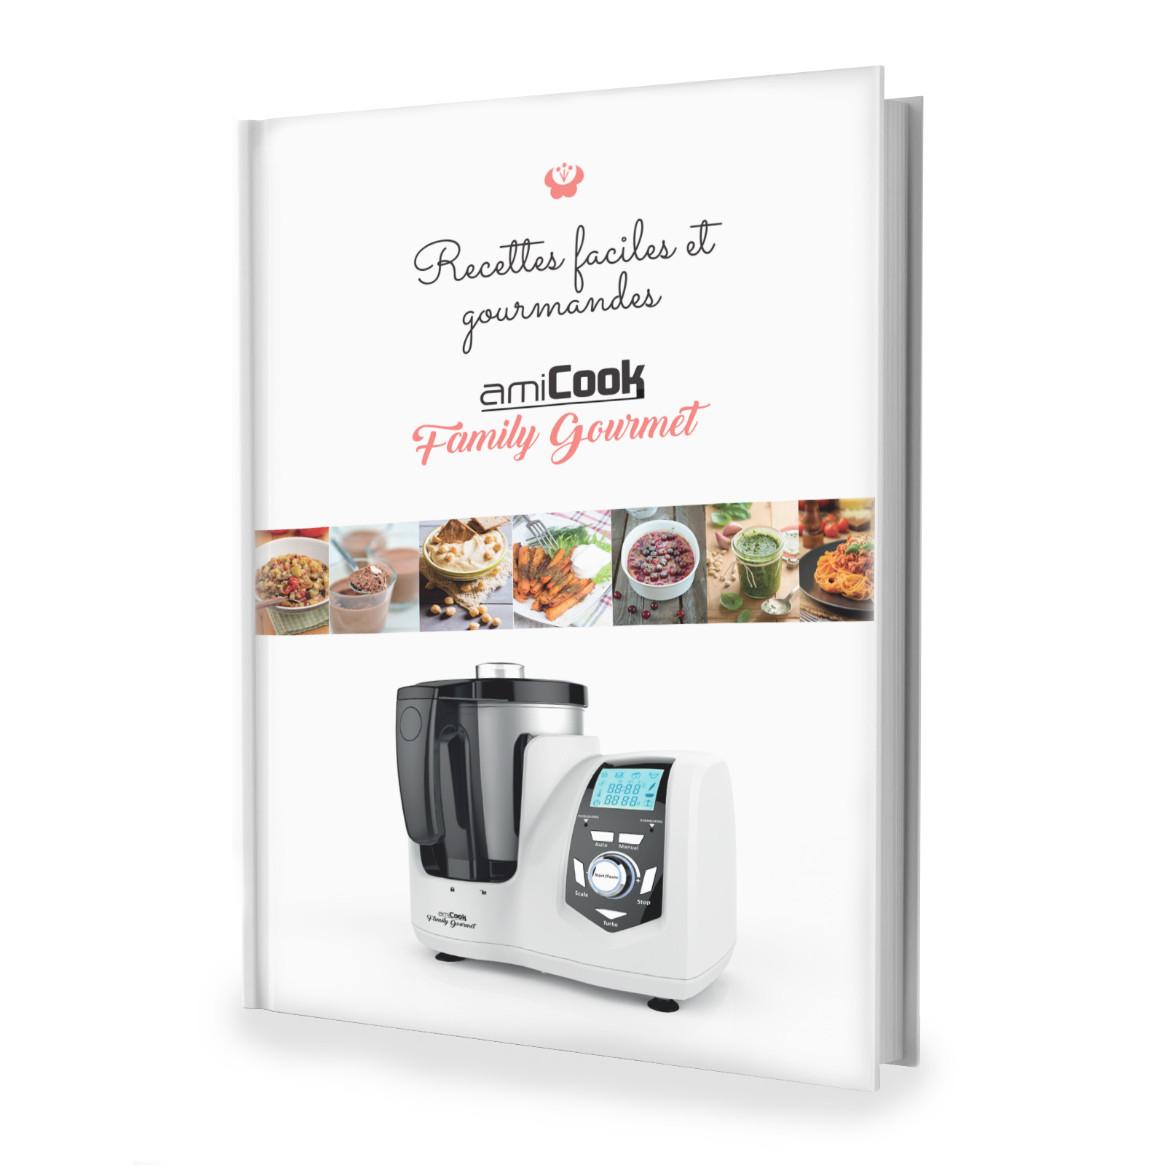 Livre de recettes pour l 39 amicook family gourmet bestofrobots - Livre recette robot multifonction ...